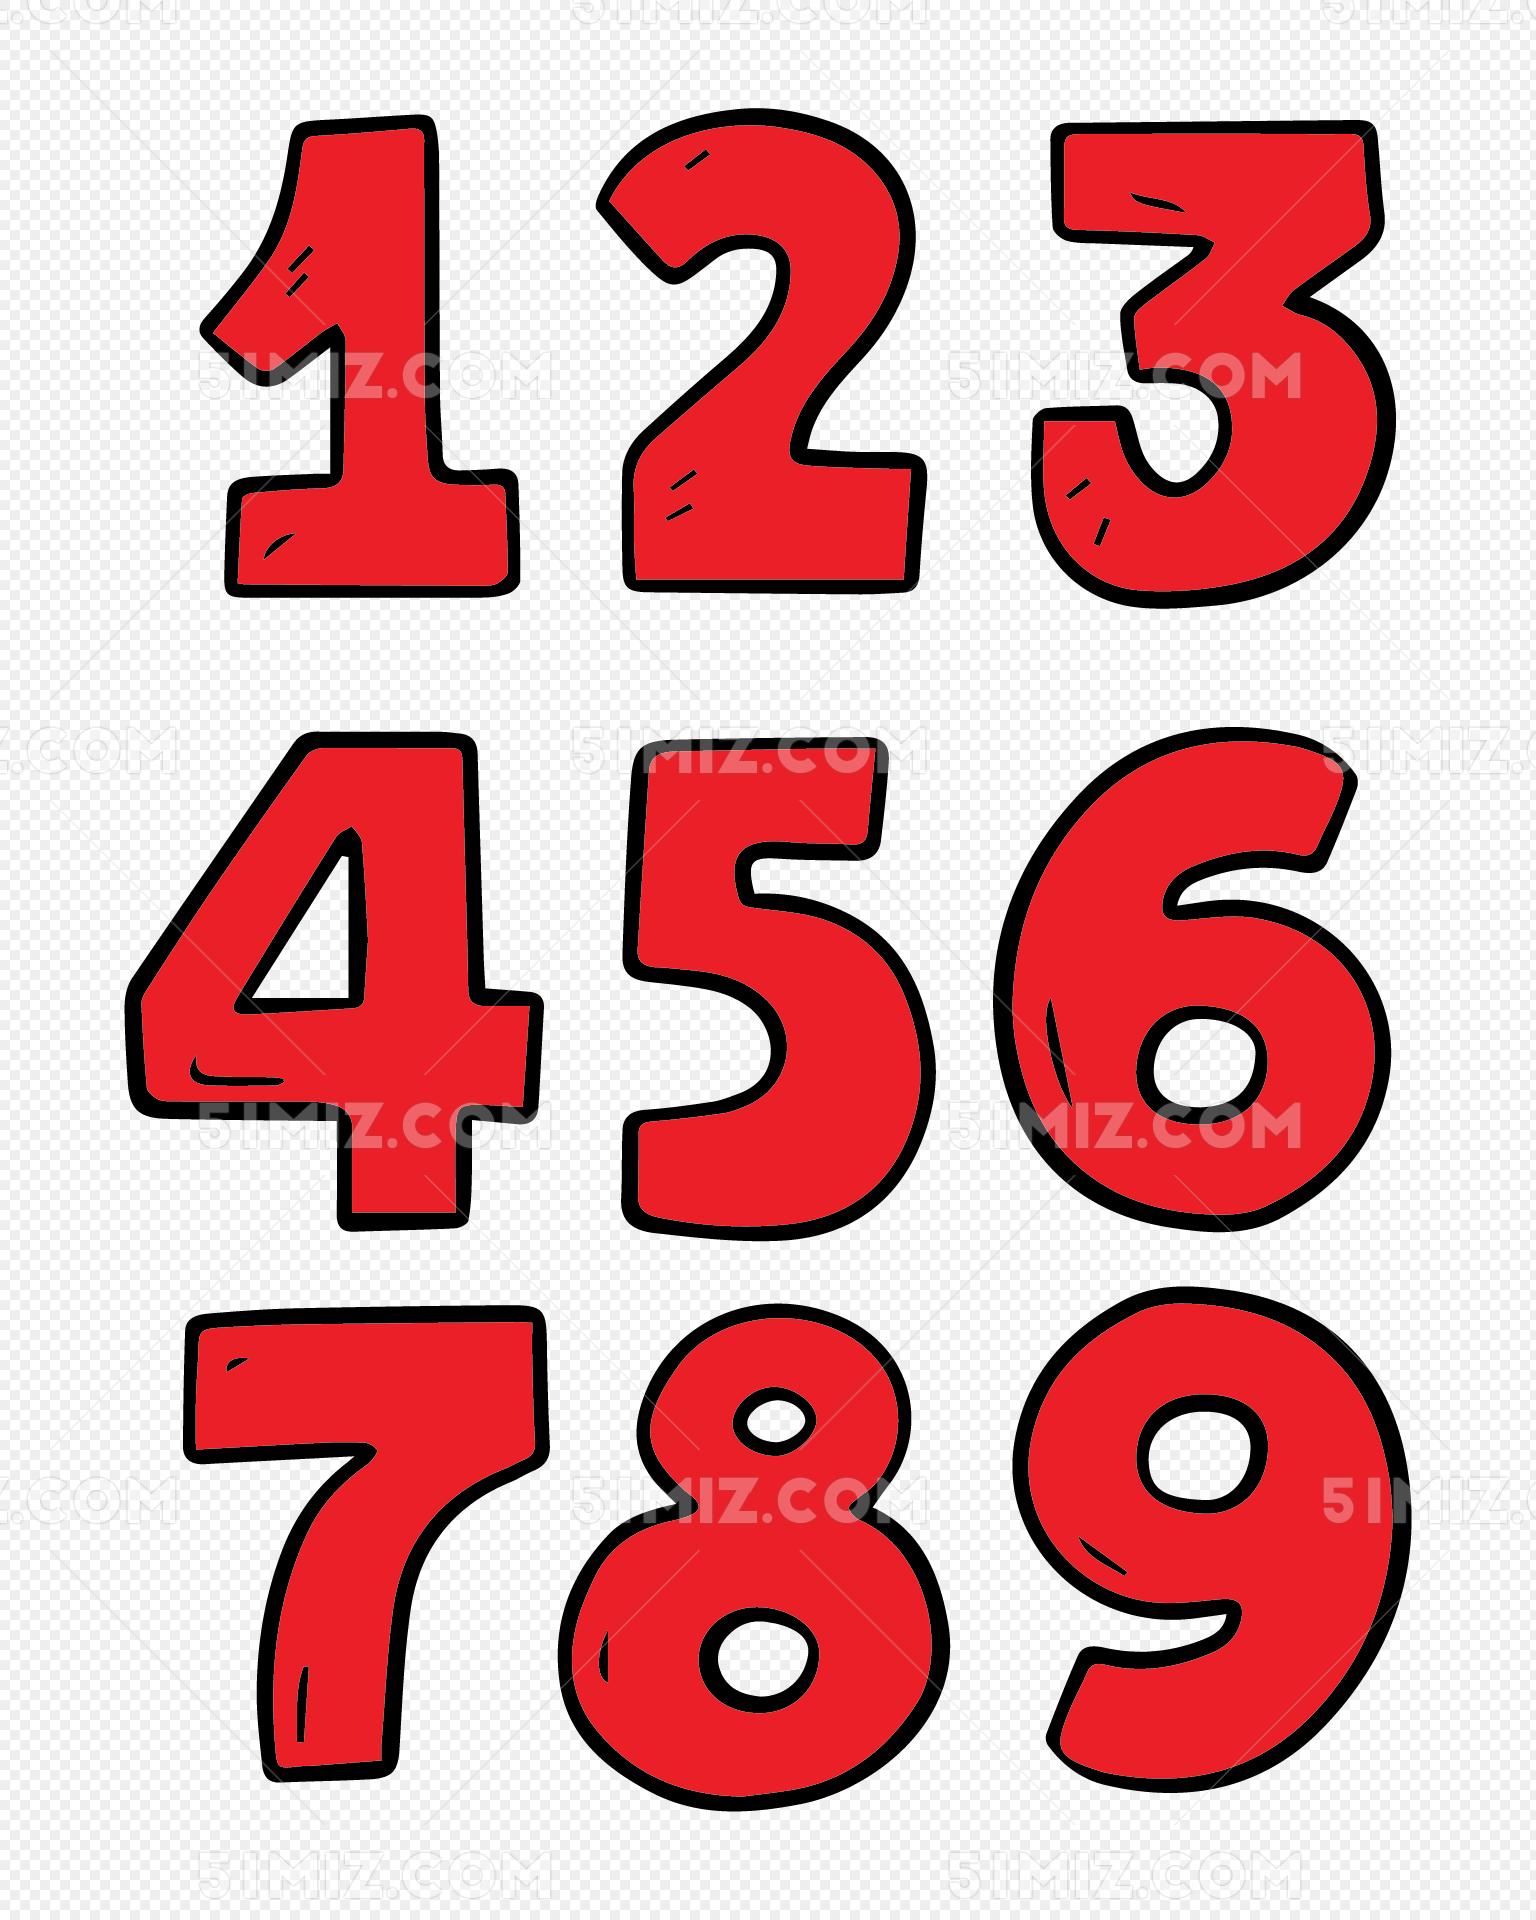 数字1-10卡通图片